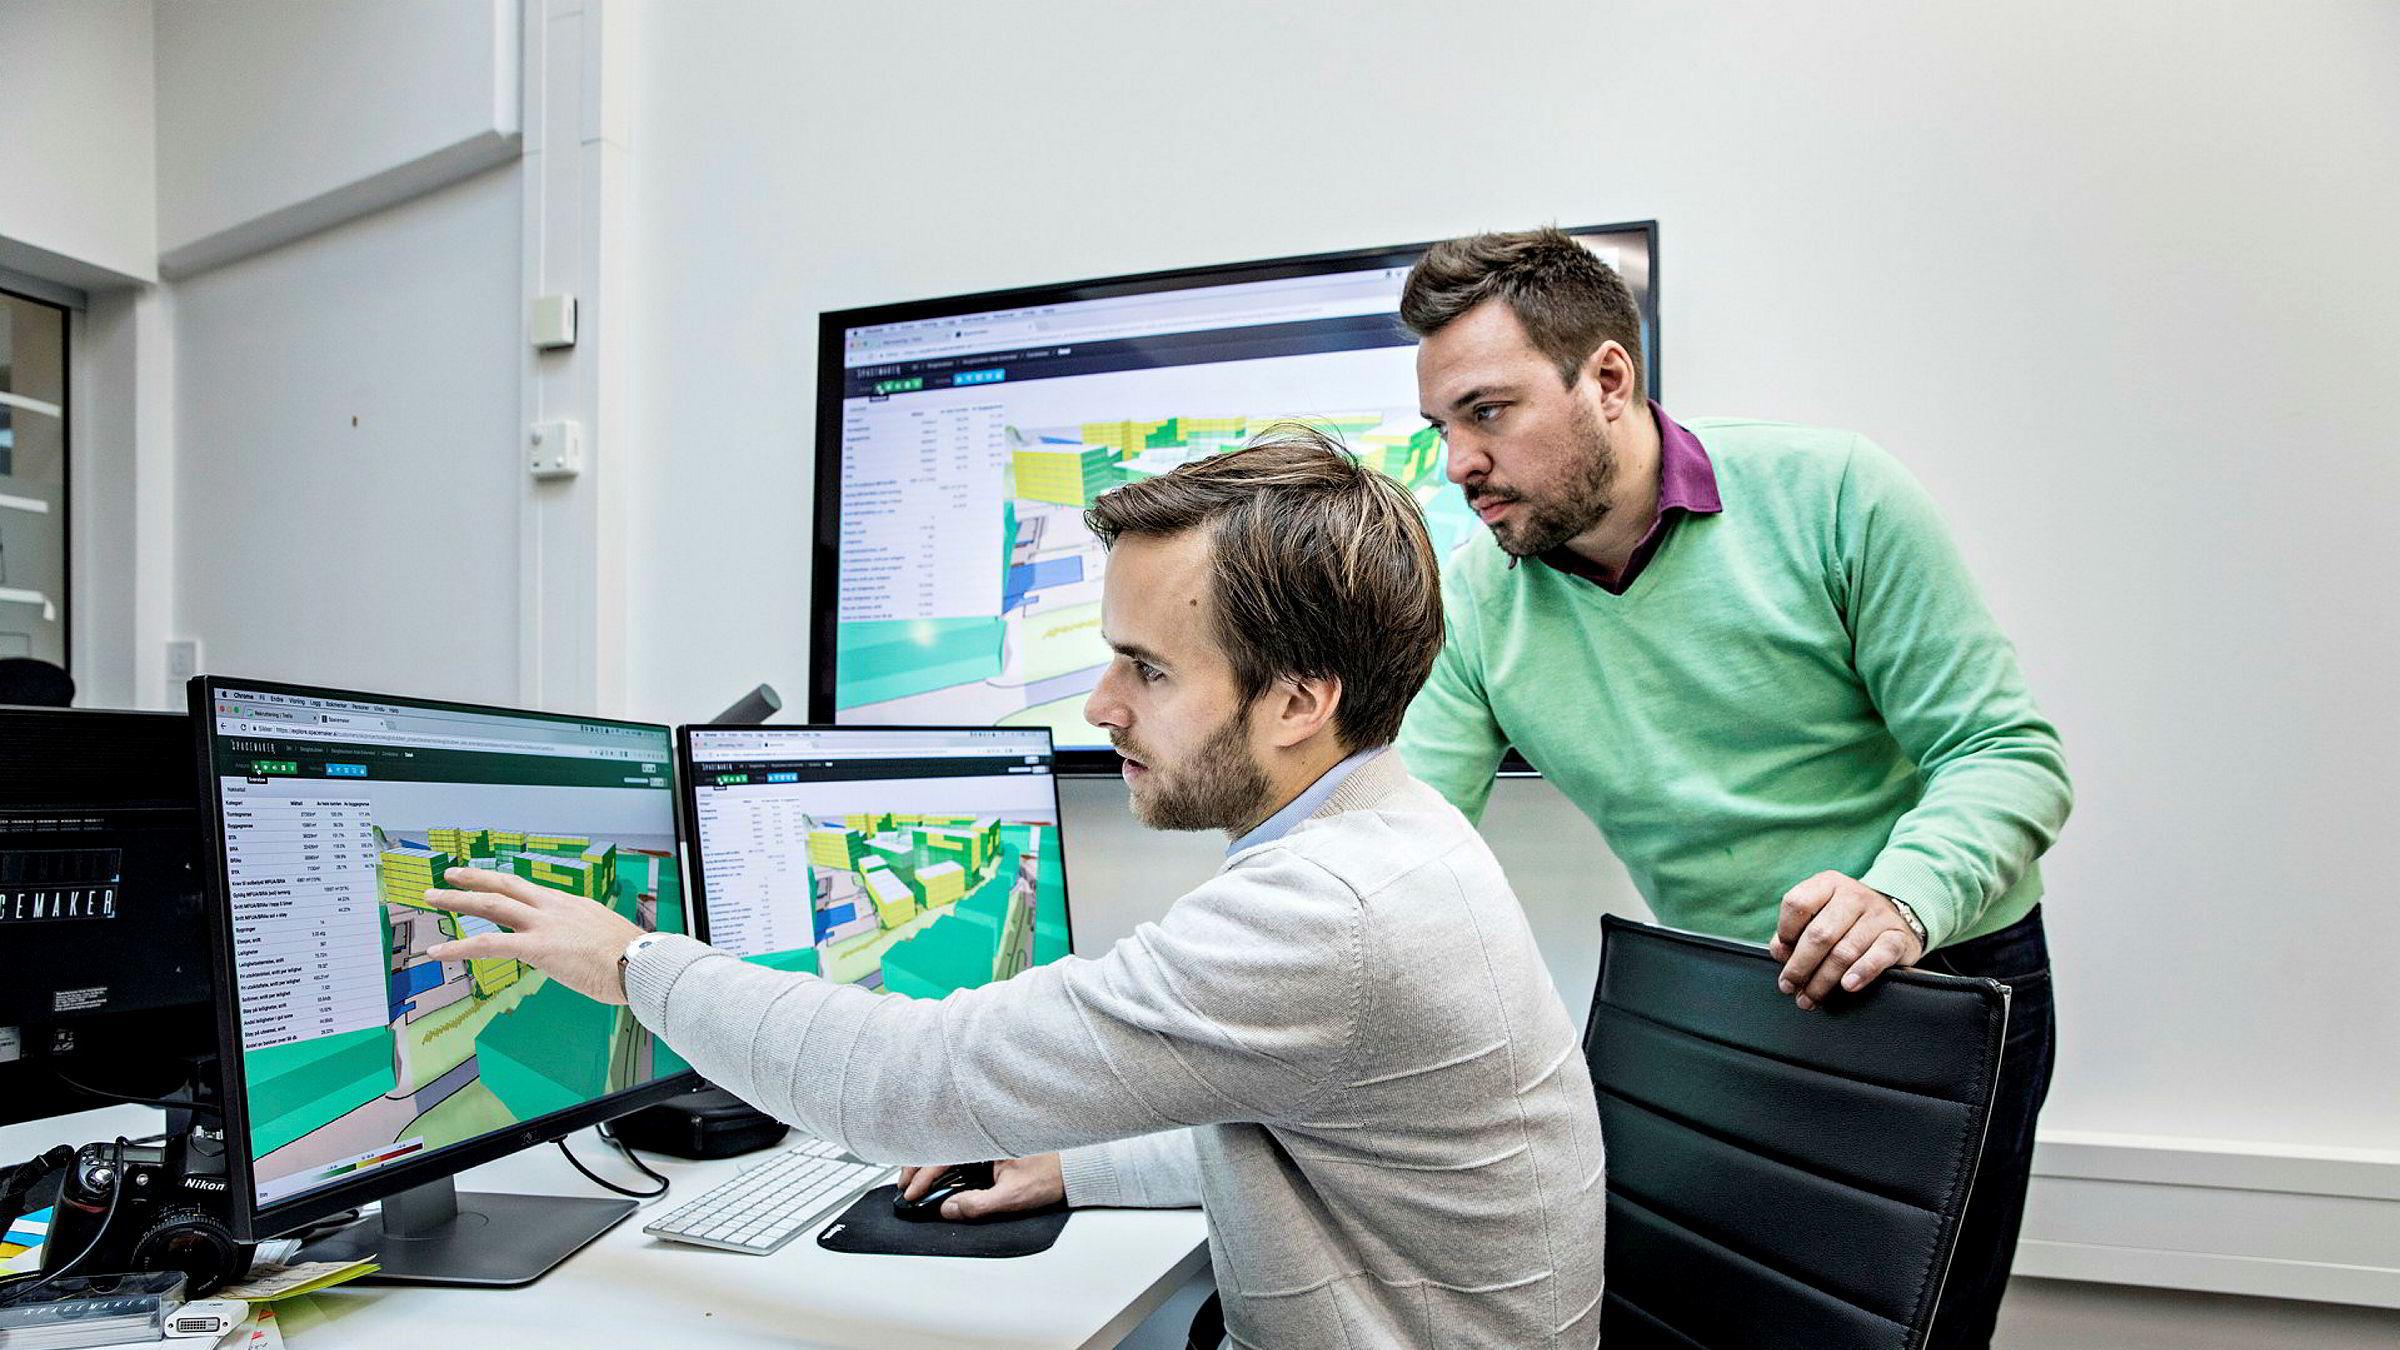 Håvard Haukeland (nærmest) og Carl Christensen viser et pågående prosjekt. Selskapet Spacemaker bruker kunstig intelligens til å kalkulere milliarder av alternativer for hvordan utbyggingen av en tomt kan løses.